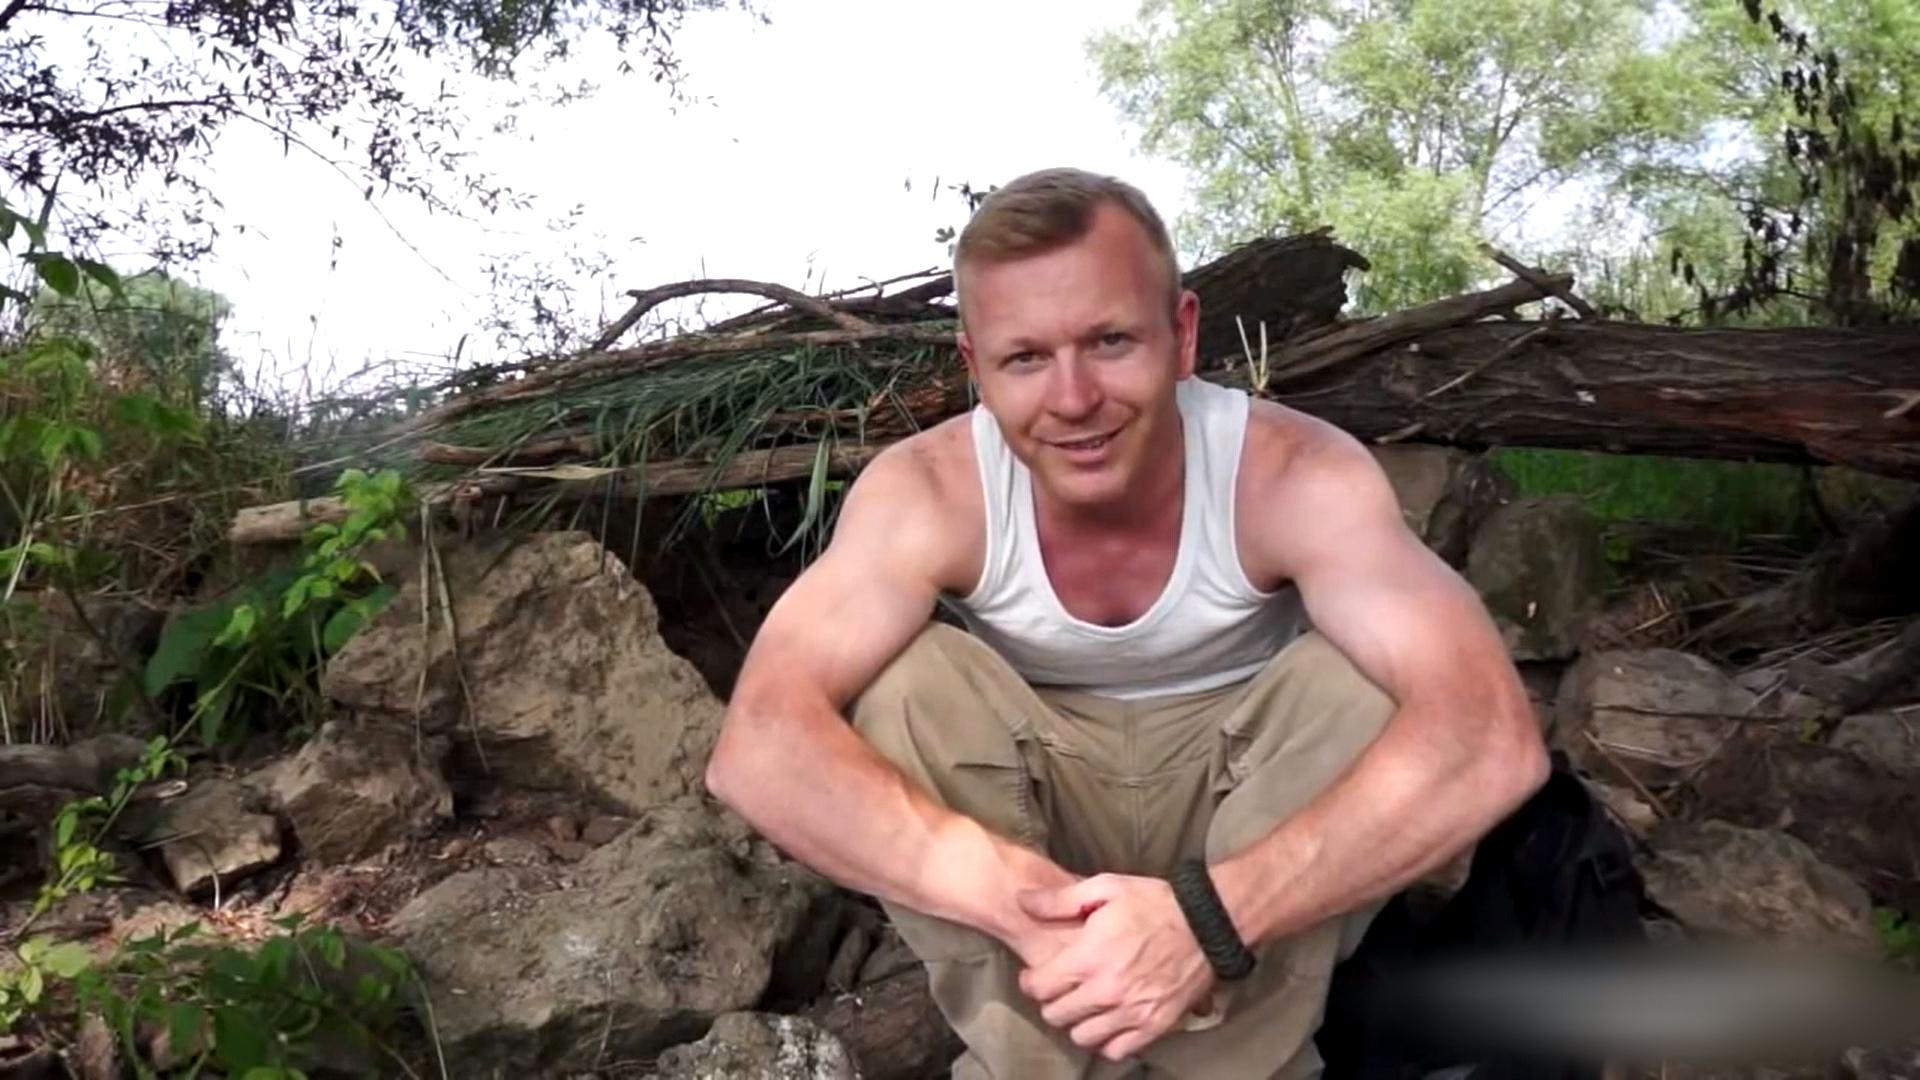 Digital Diary Mein Tutorial - YouTuber Stefan Hinkelmann bei einem Außendreh